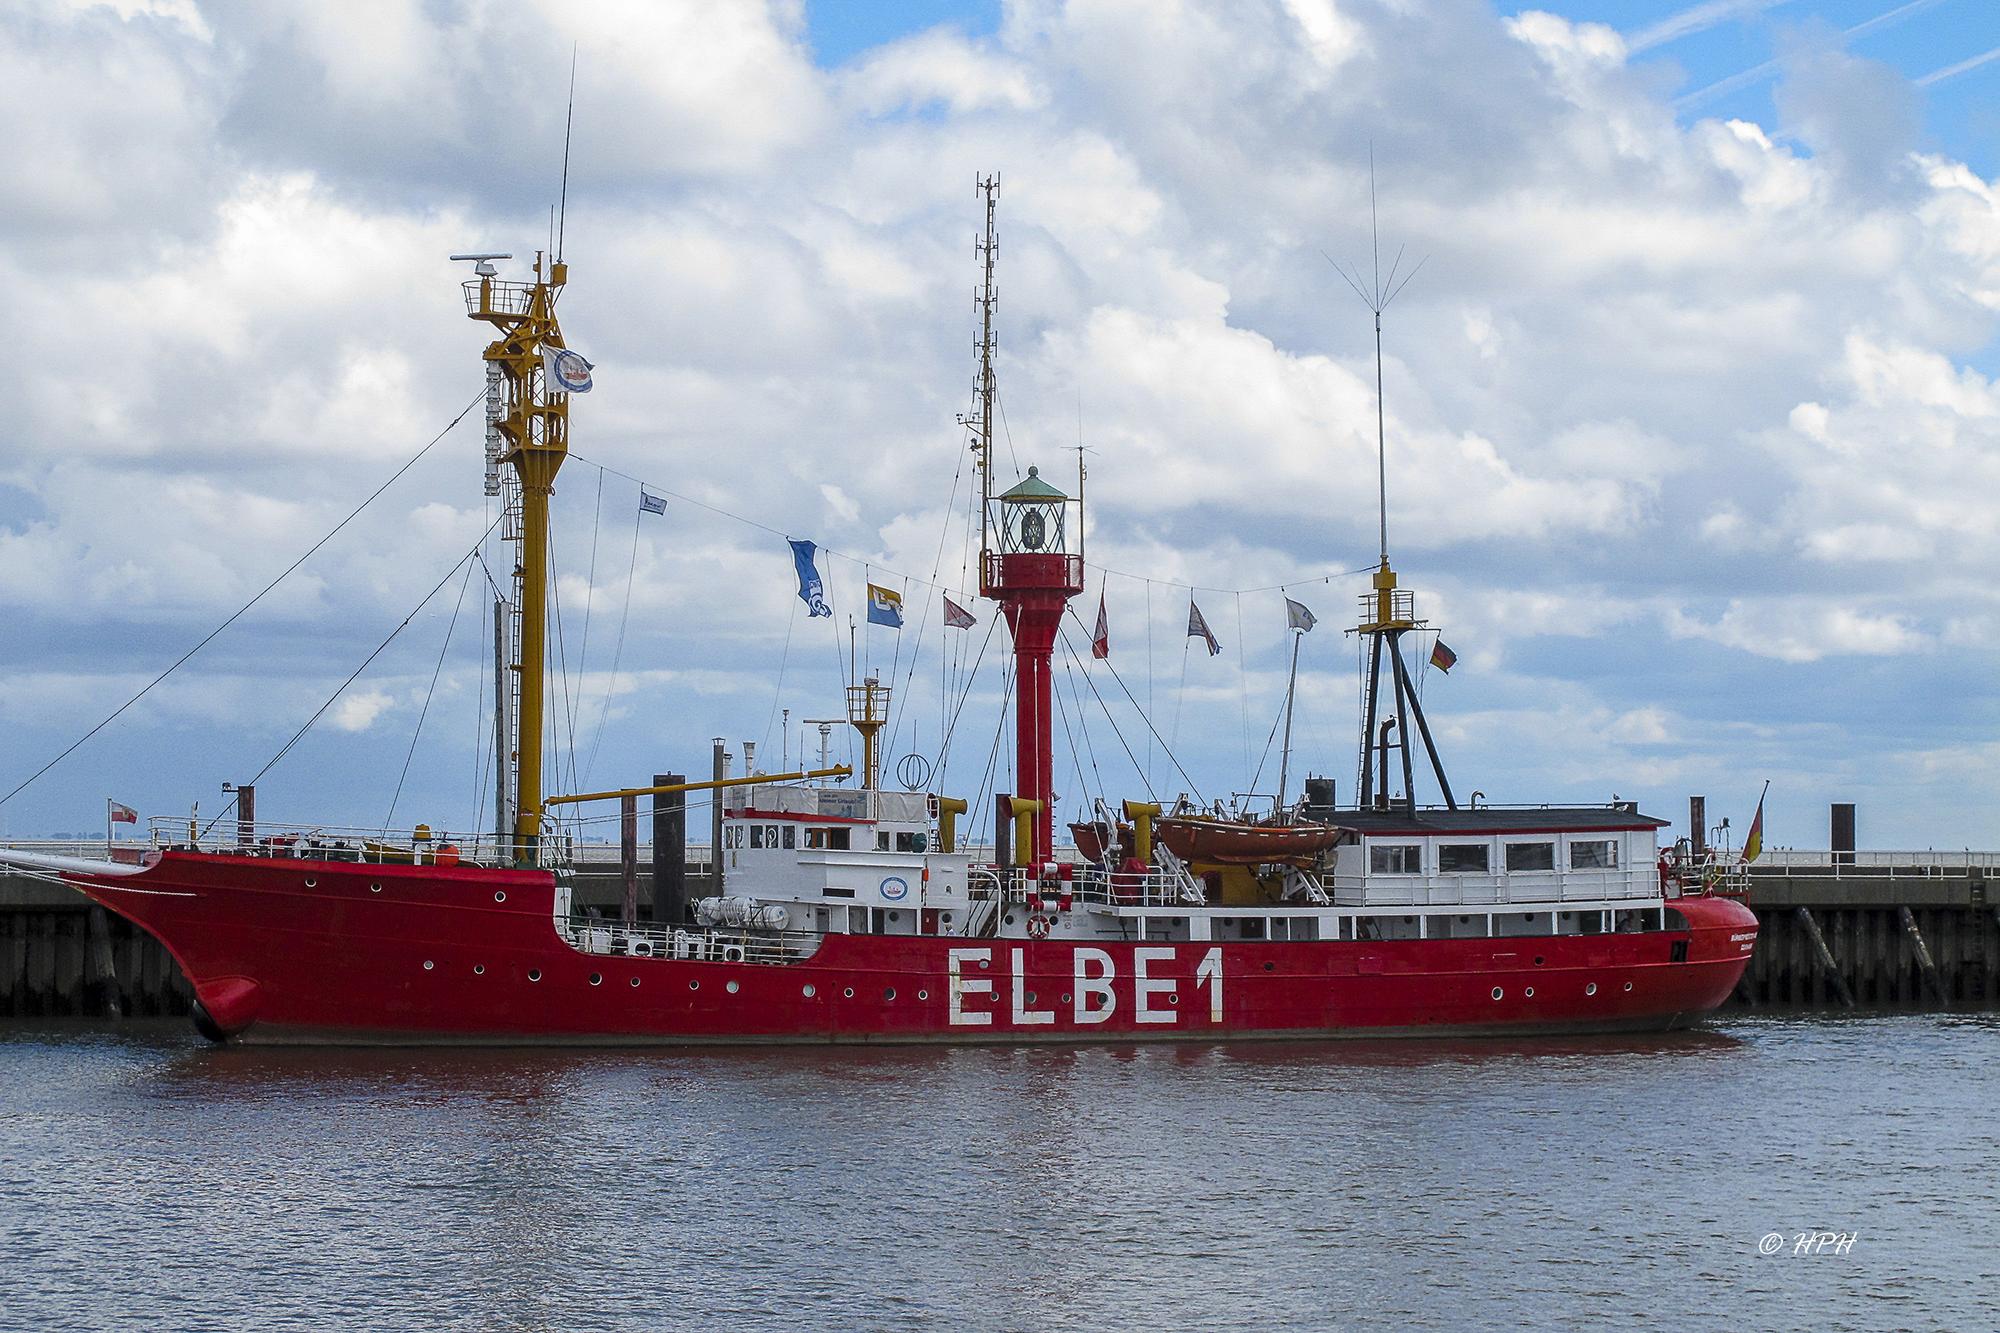 Lightship Elbe 1, Cuxhaven, Germany